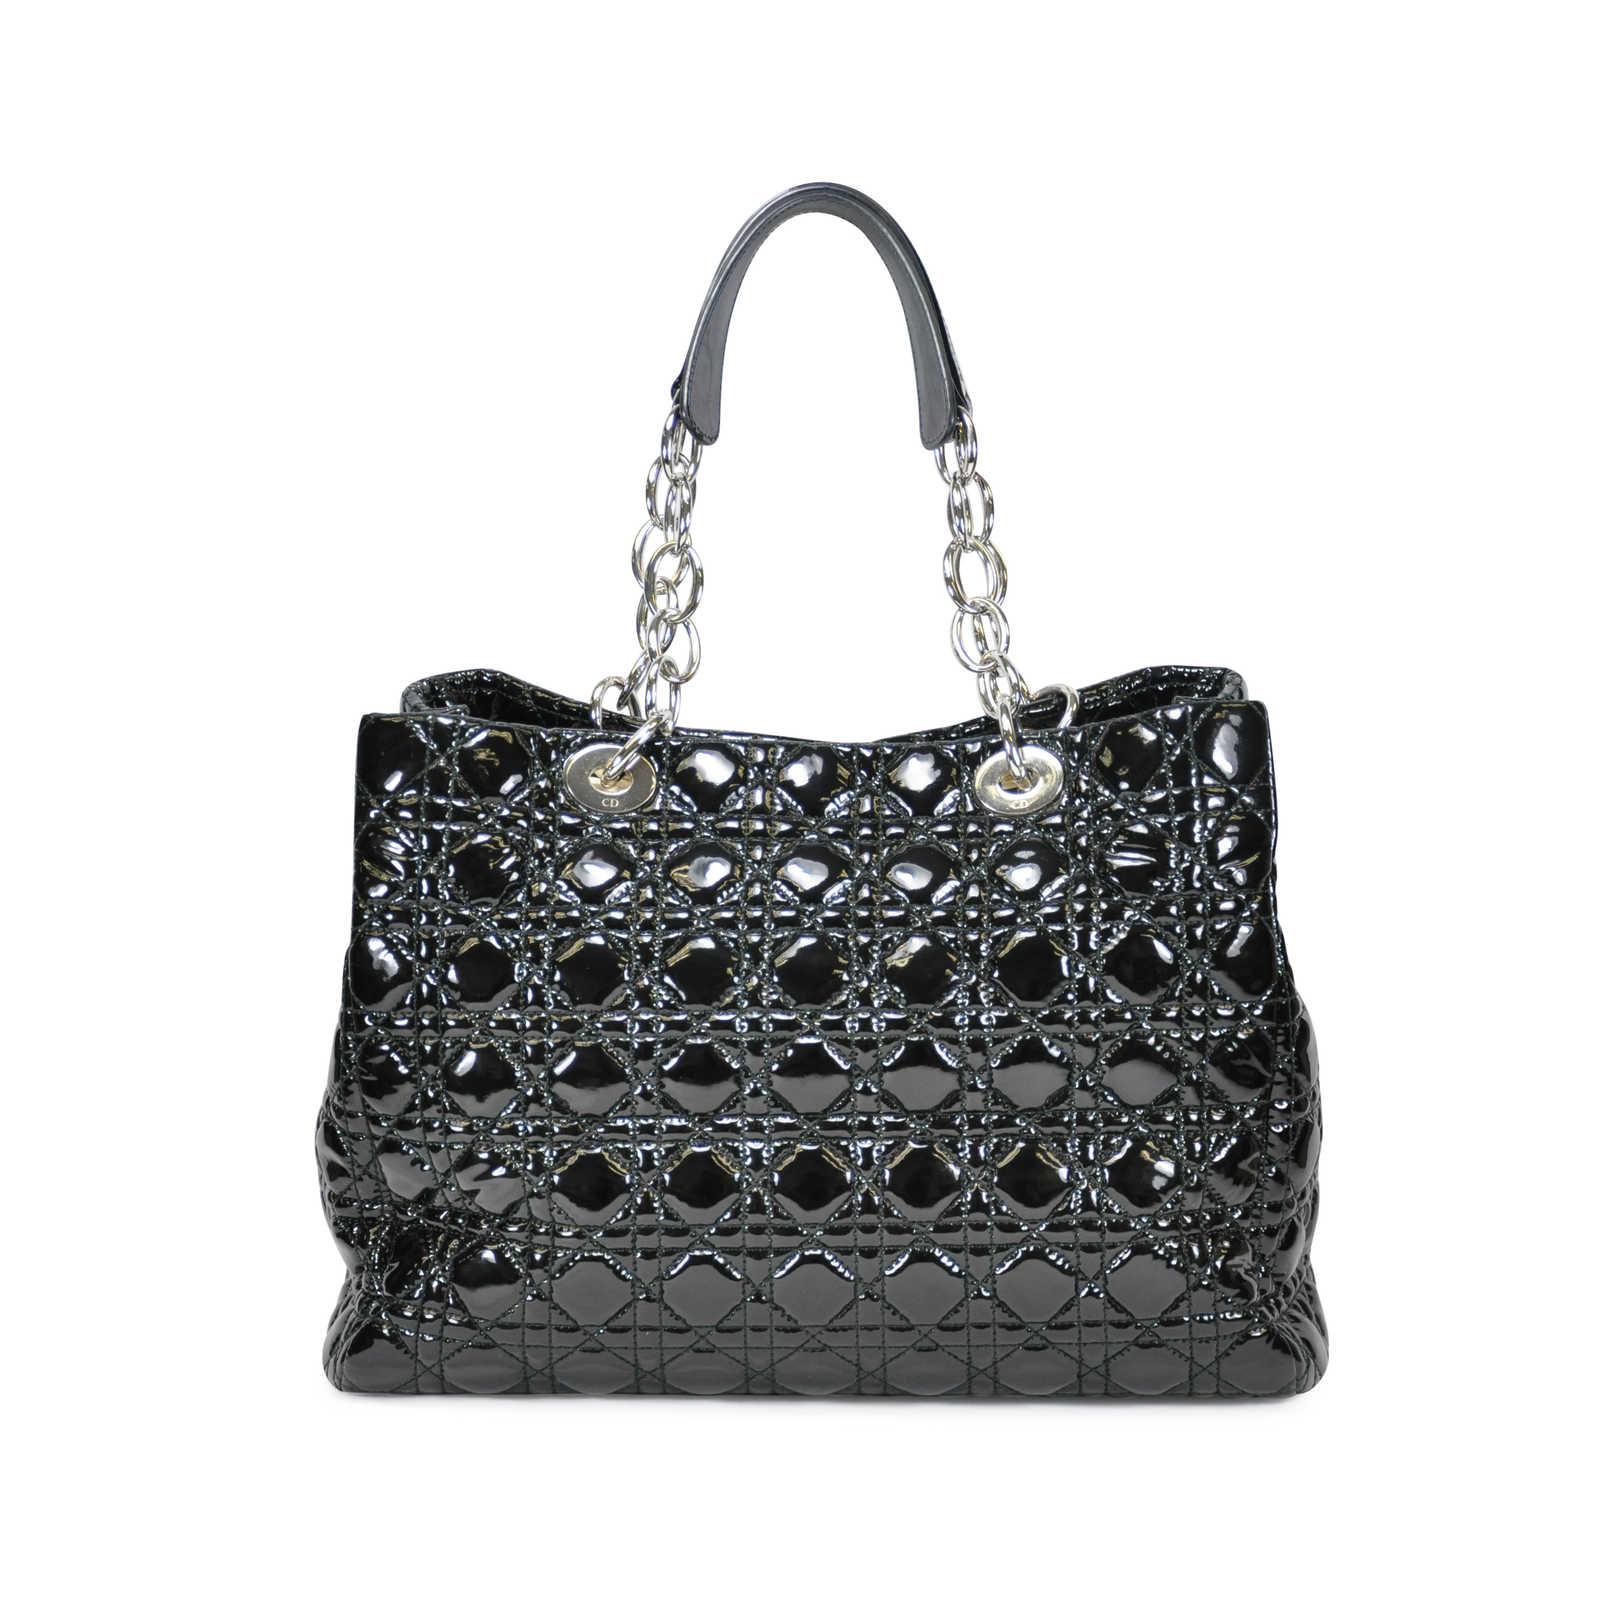 0e7832094018 ... Authentic Second Hand Christian Dior Dior Soft Bag (PSS-051-00005) ...